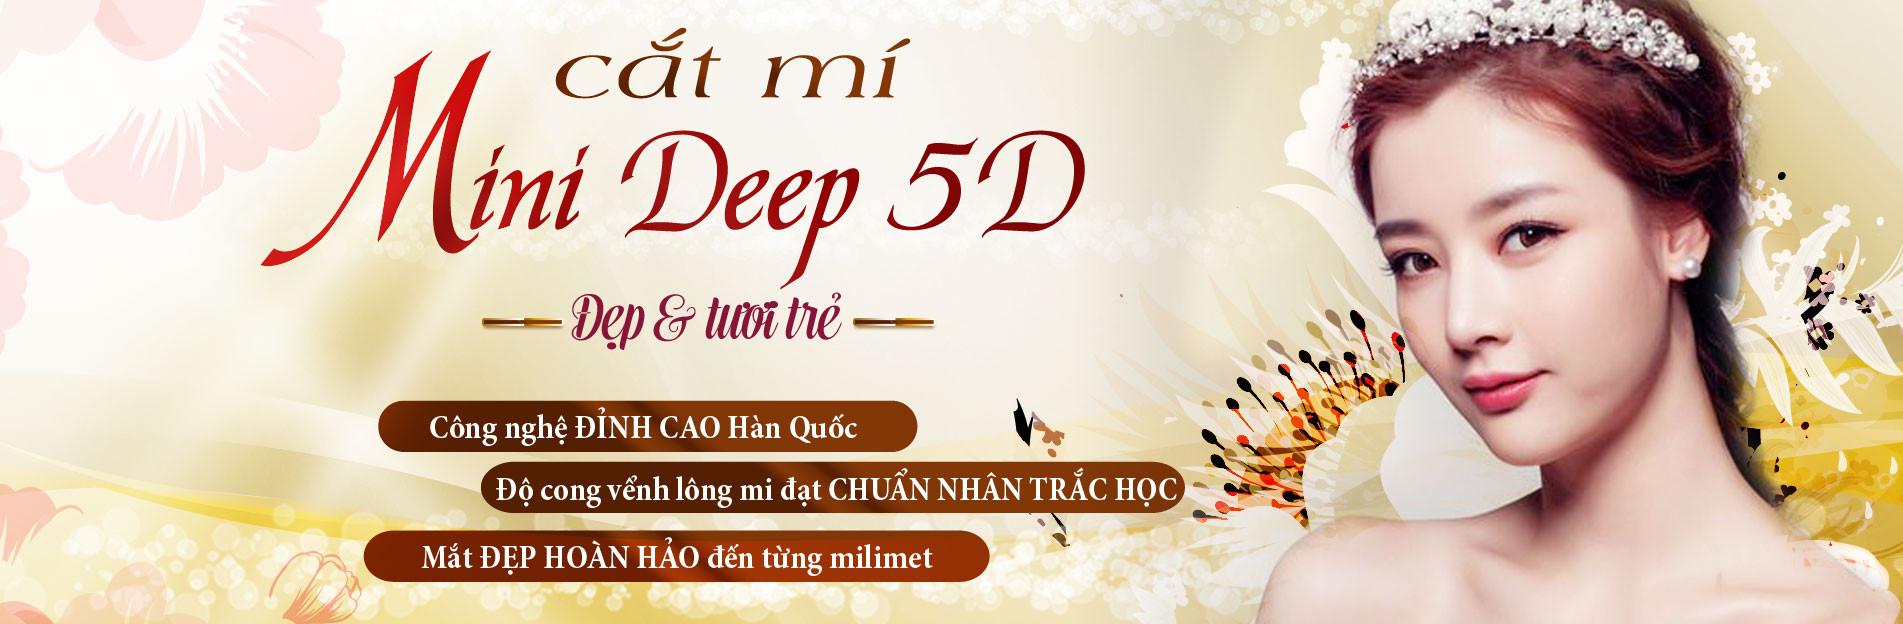 banner mí 5d